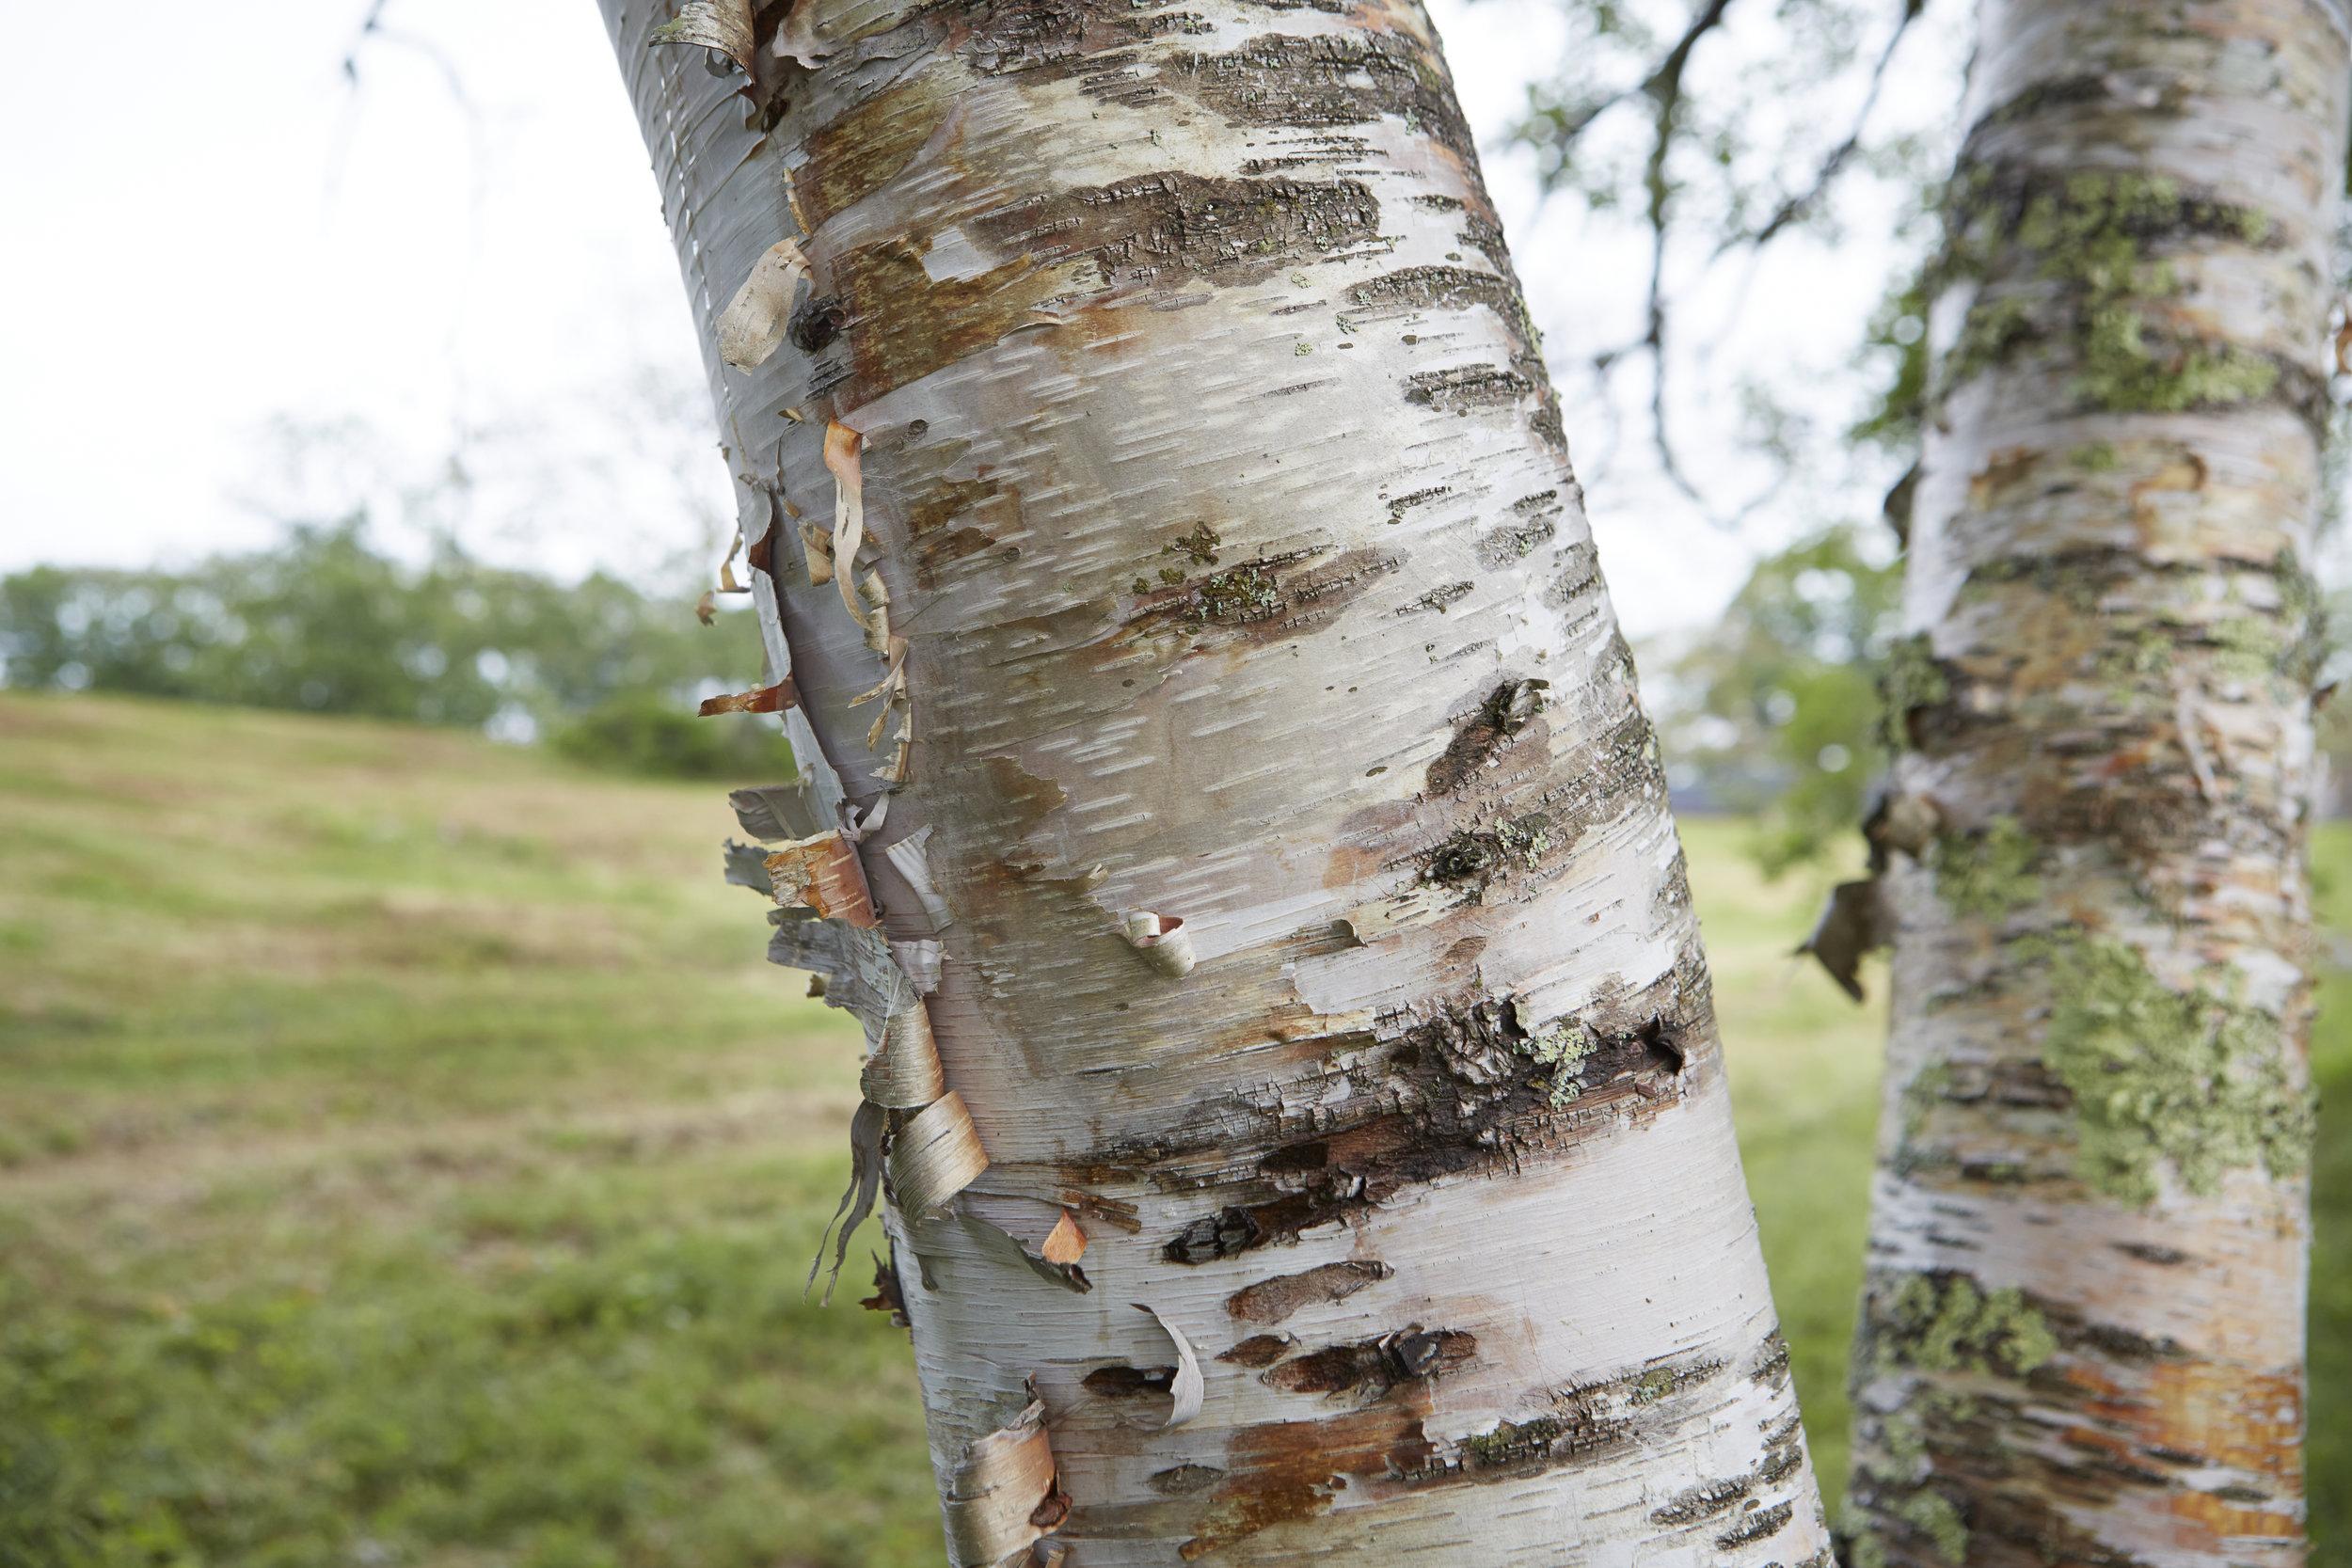 Tops'l_trees_1.jpg